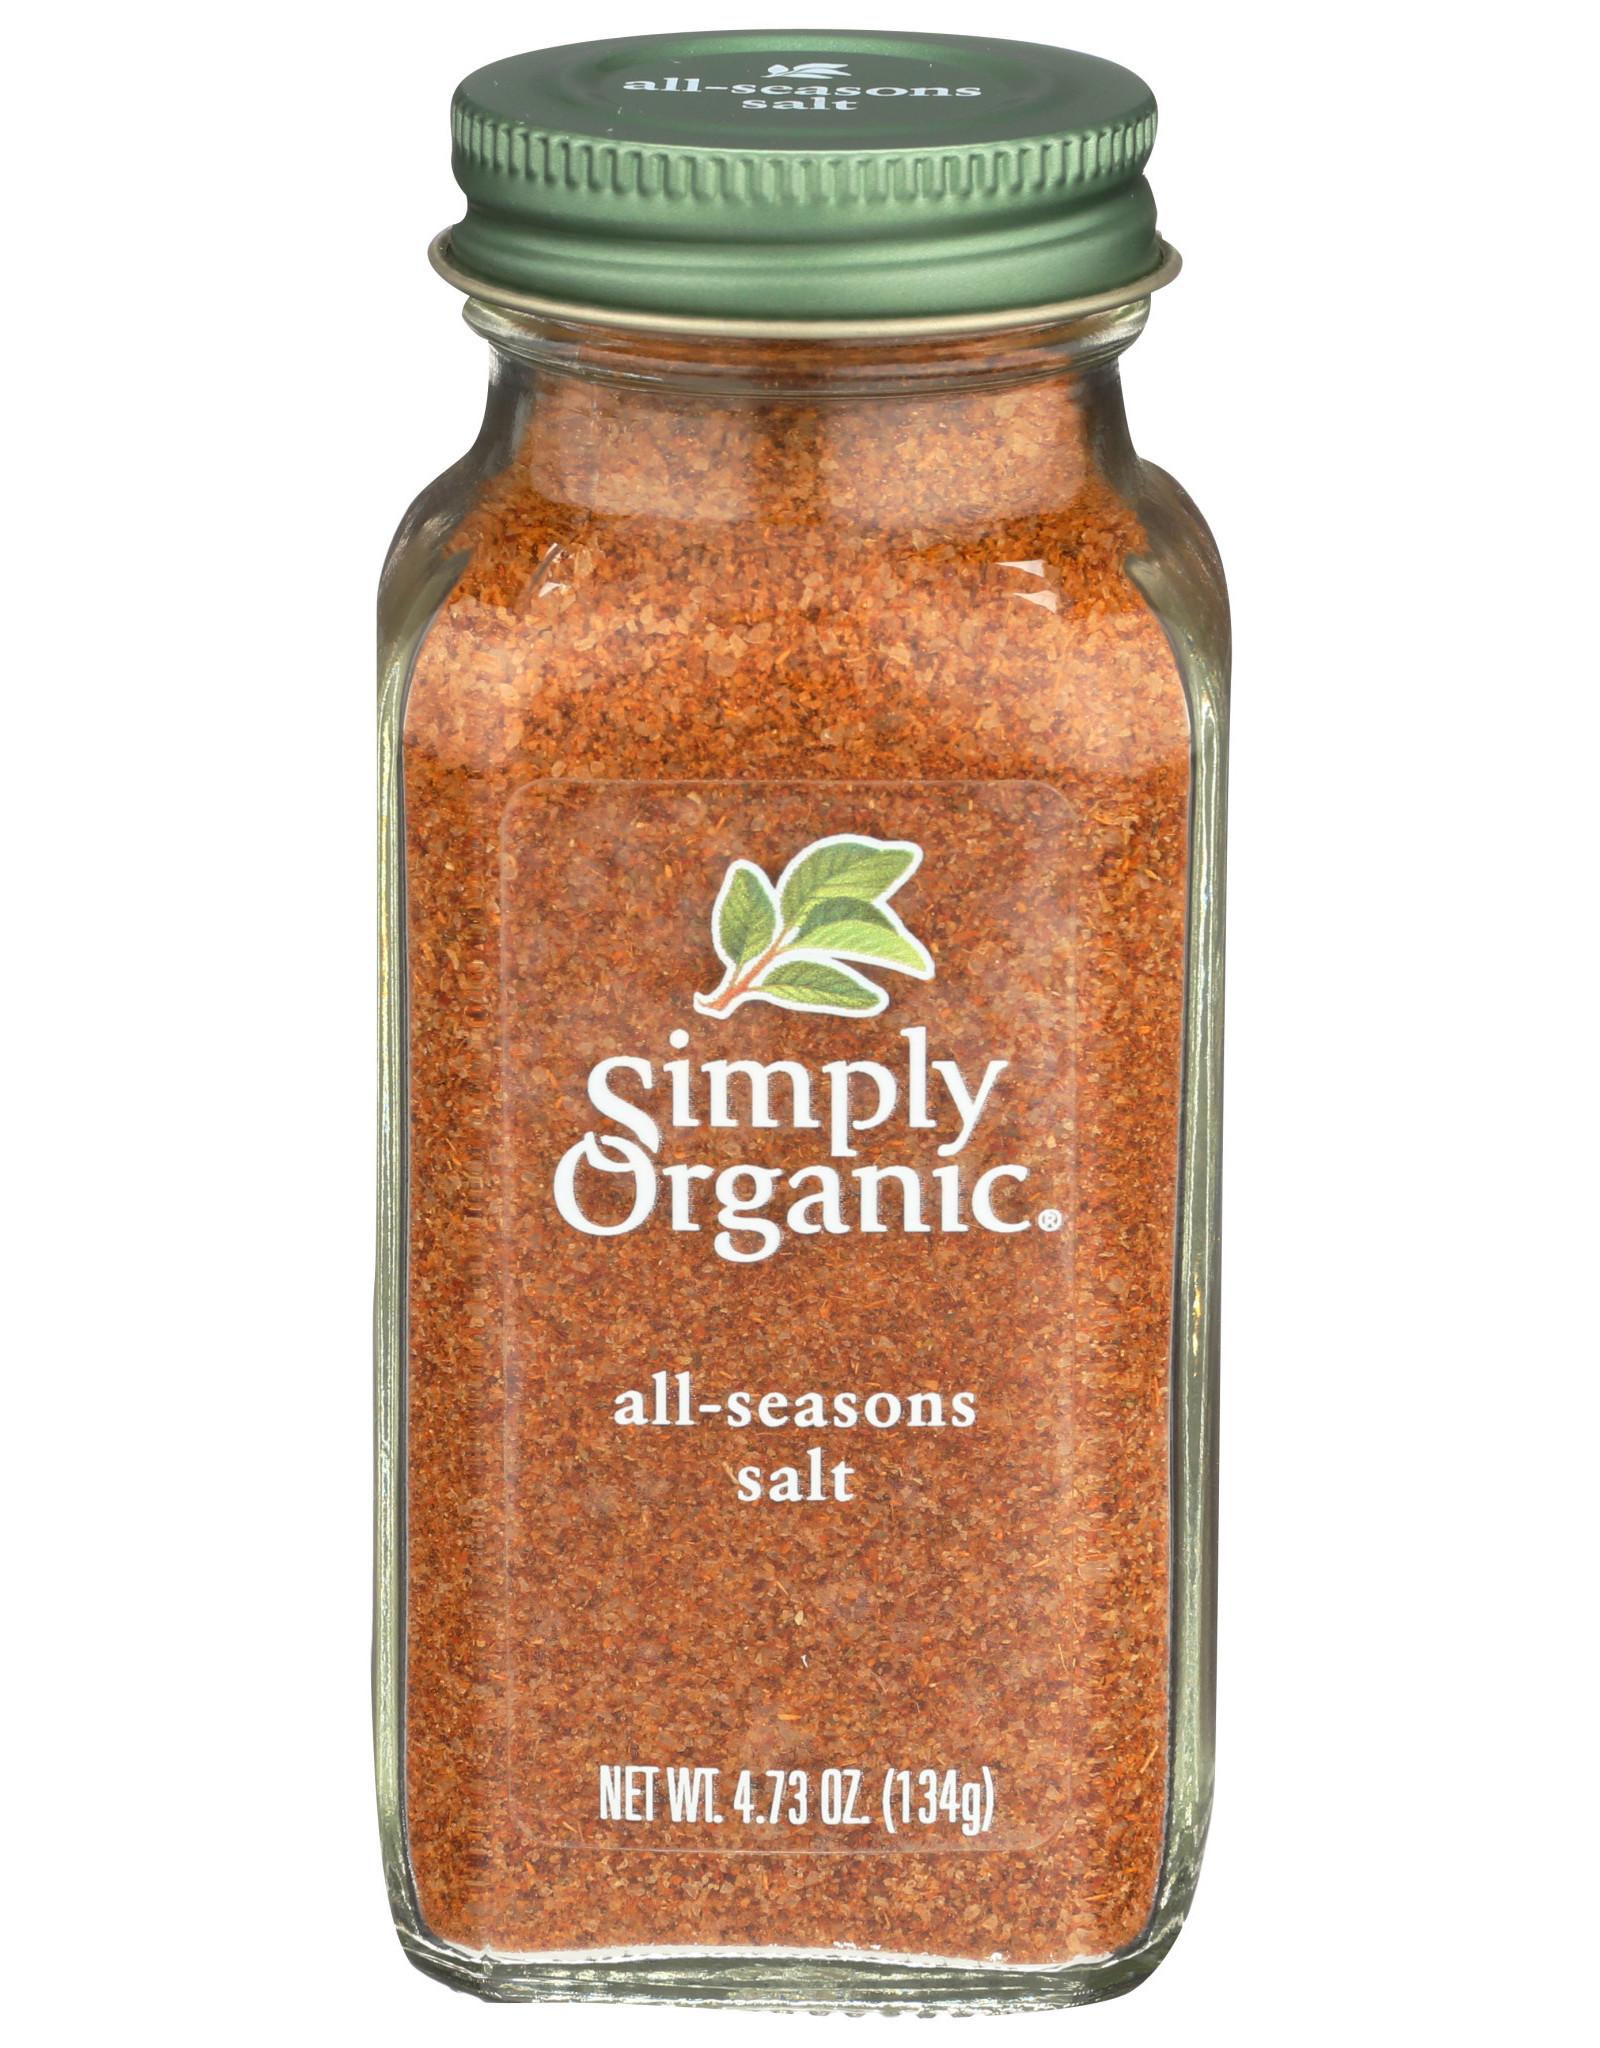 All Season Salt Simply Og 4.73 oz